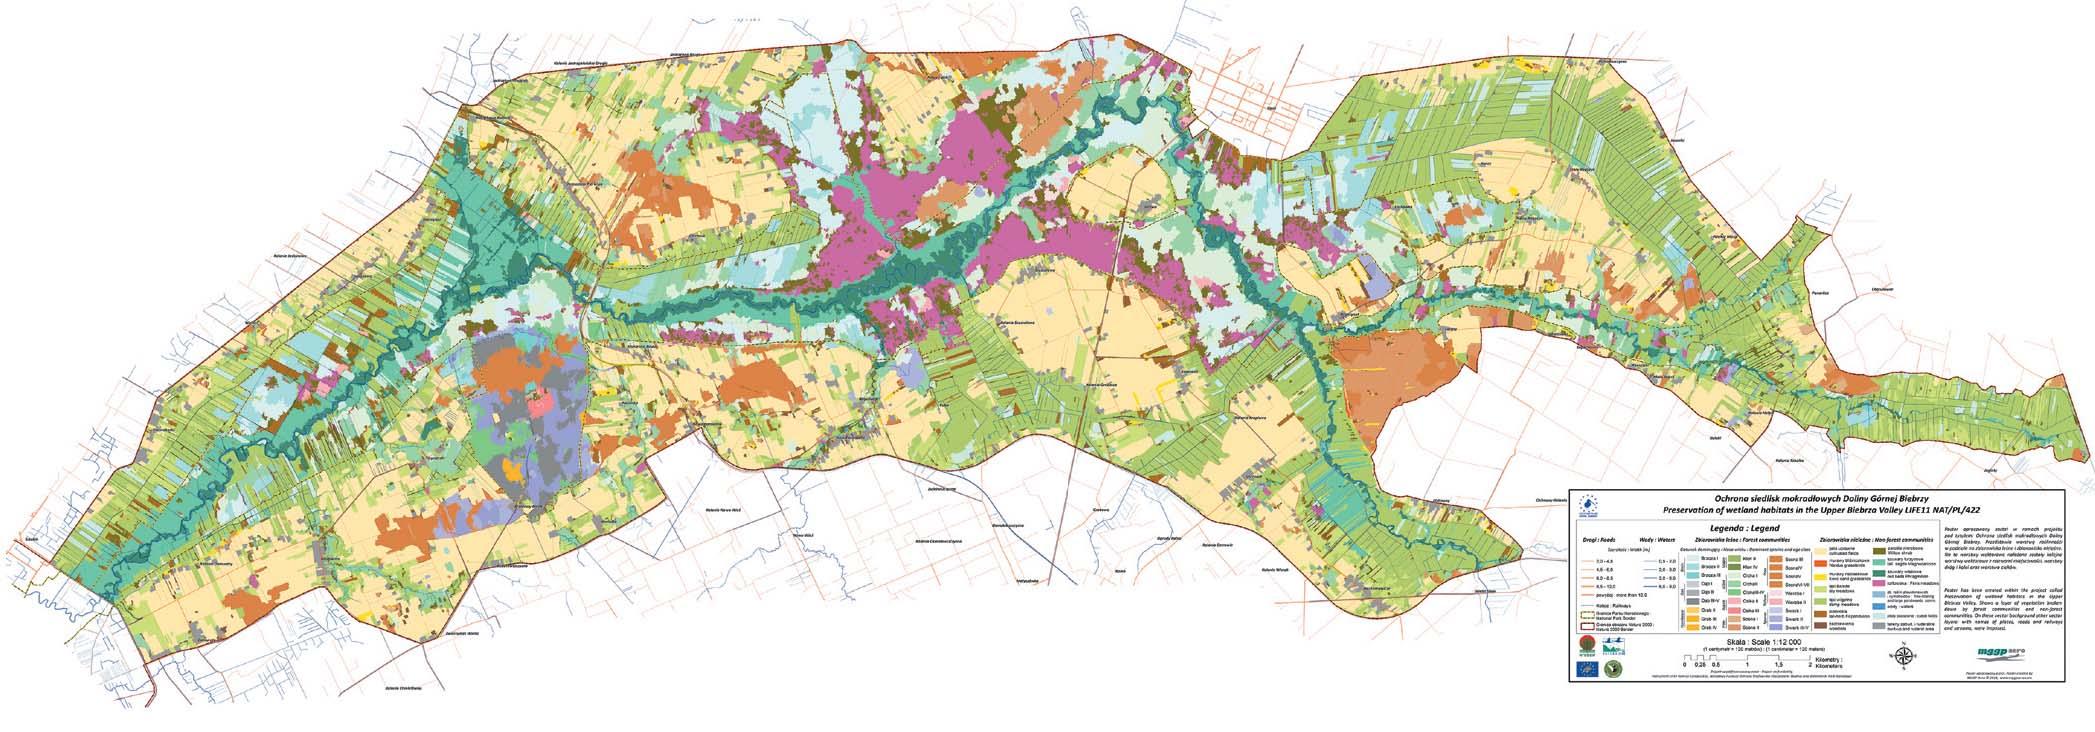 Rys. 4. Mapa roślinności doliny Górnej Biebrzy opracowana metodami teledetekcyjnymi.